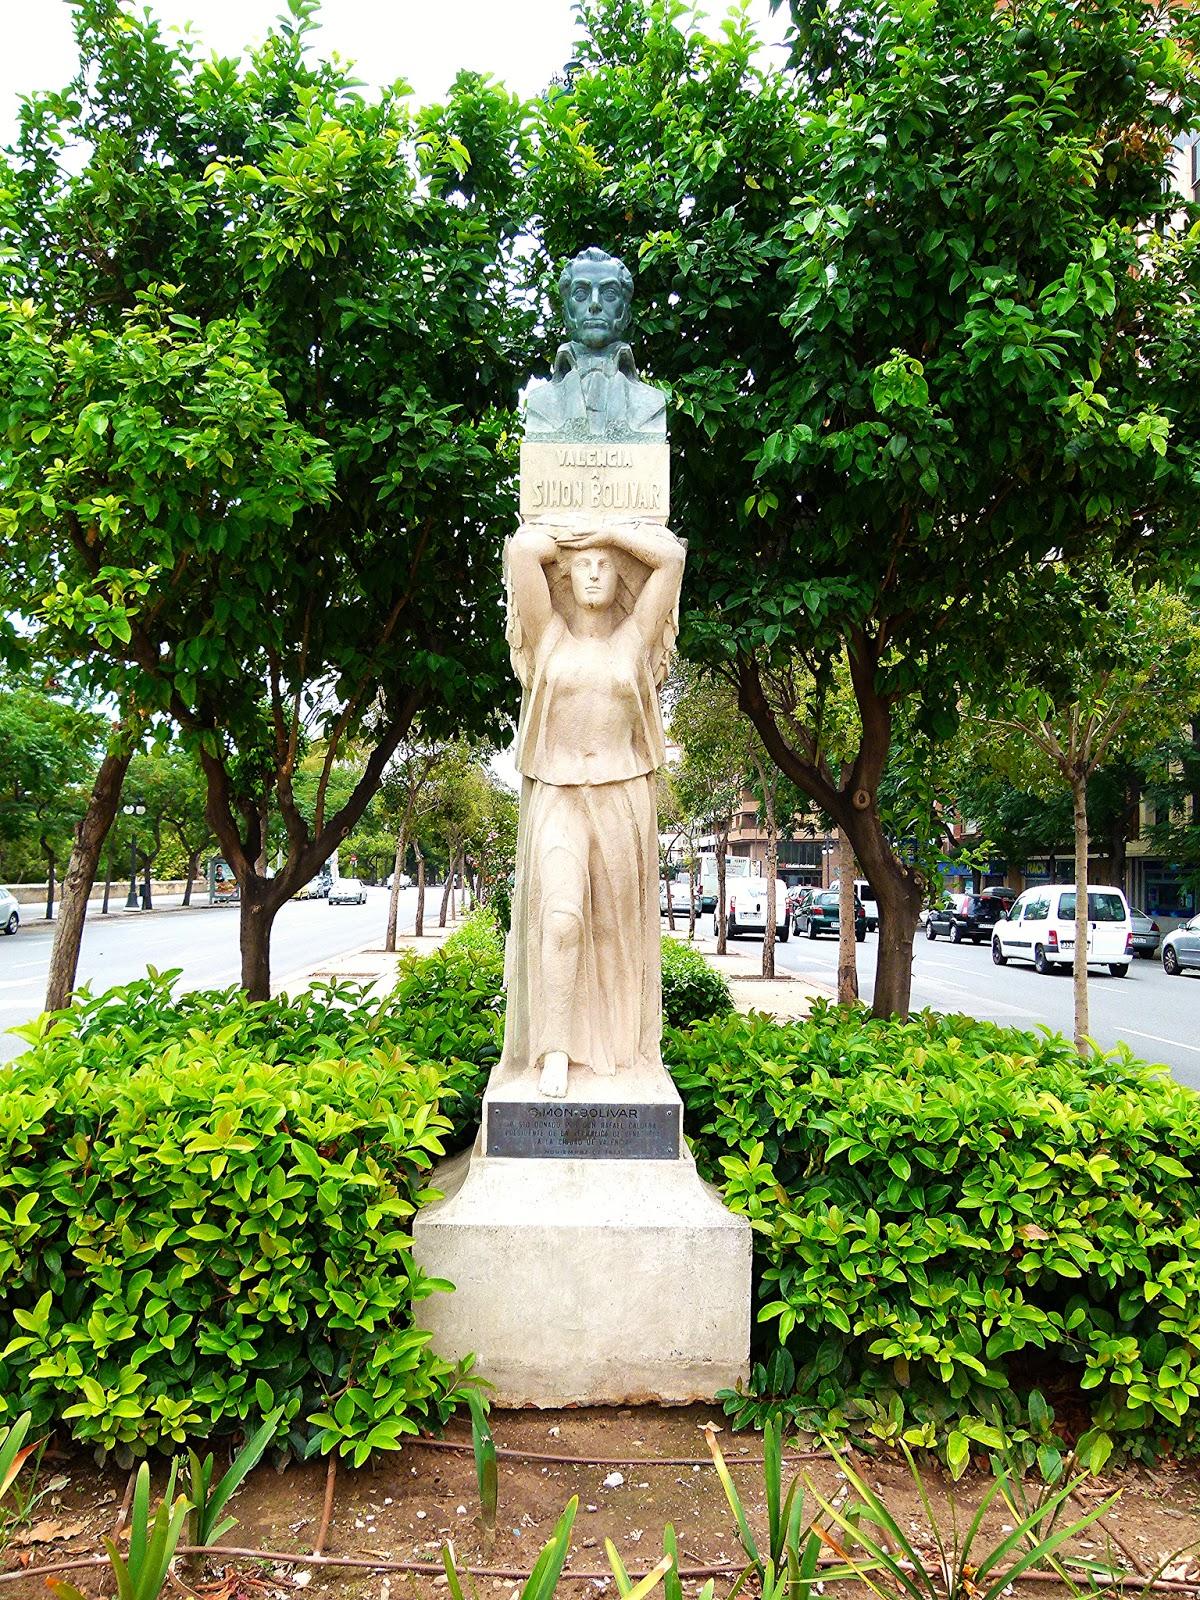 Imagen actual del conjunto escultórico dedicado al libertador Simón Bolivar en la plaza América de Valencia. Fotografía de http://agendacomunistavalencia.blogspot.com.es/